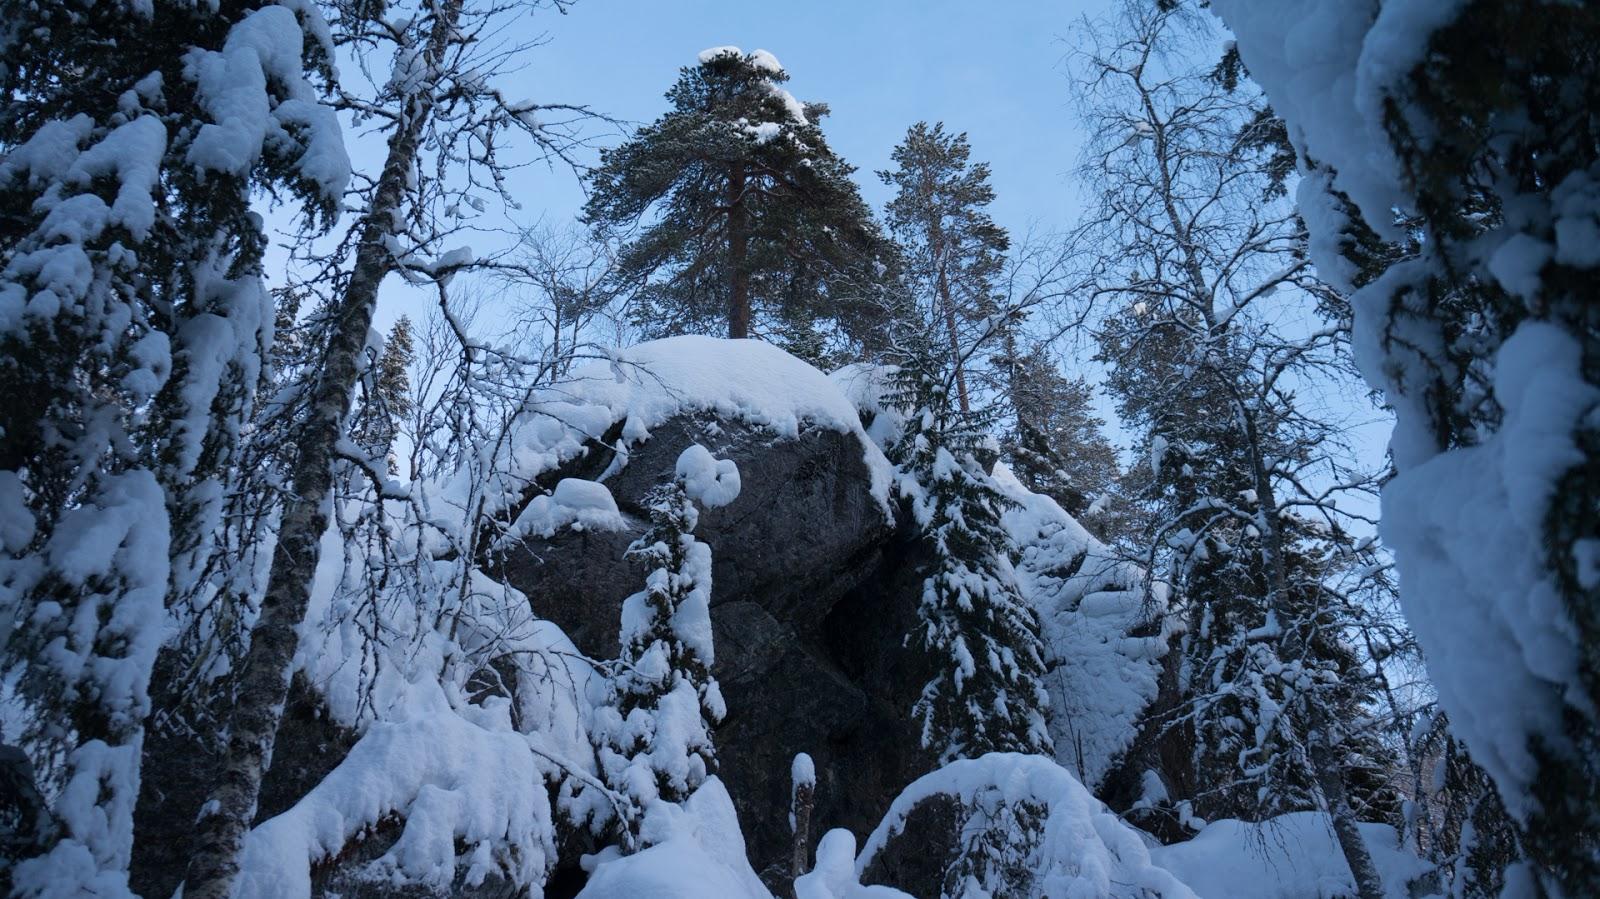 Syötteen kansallispuisto 7.12.2013